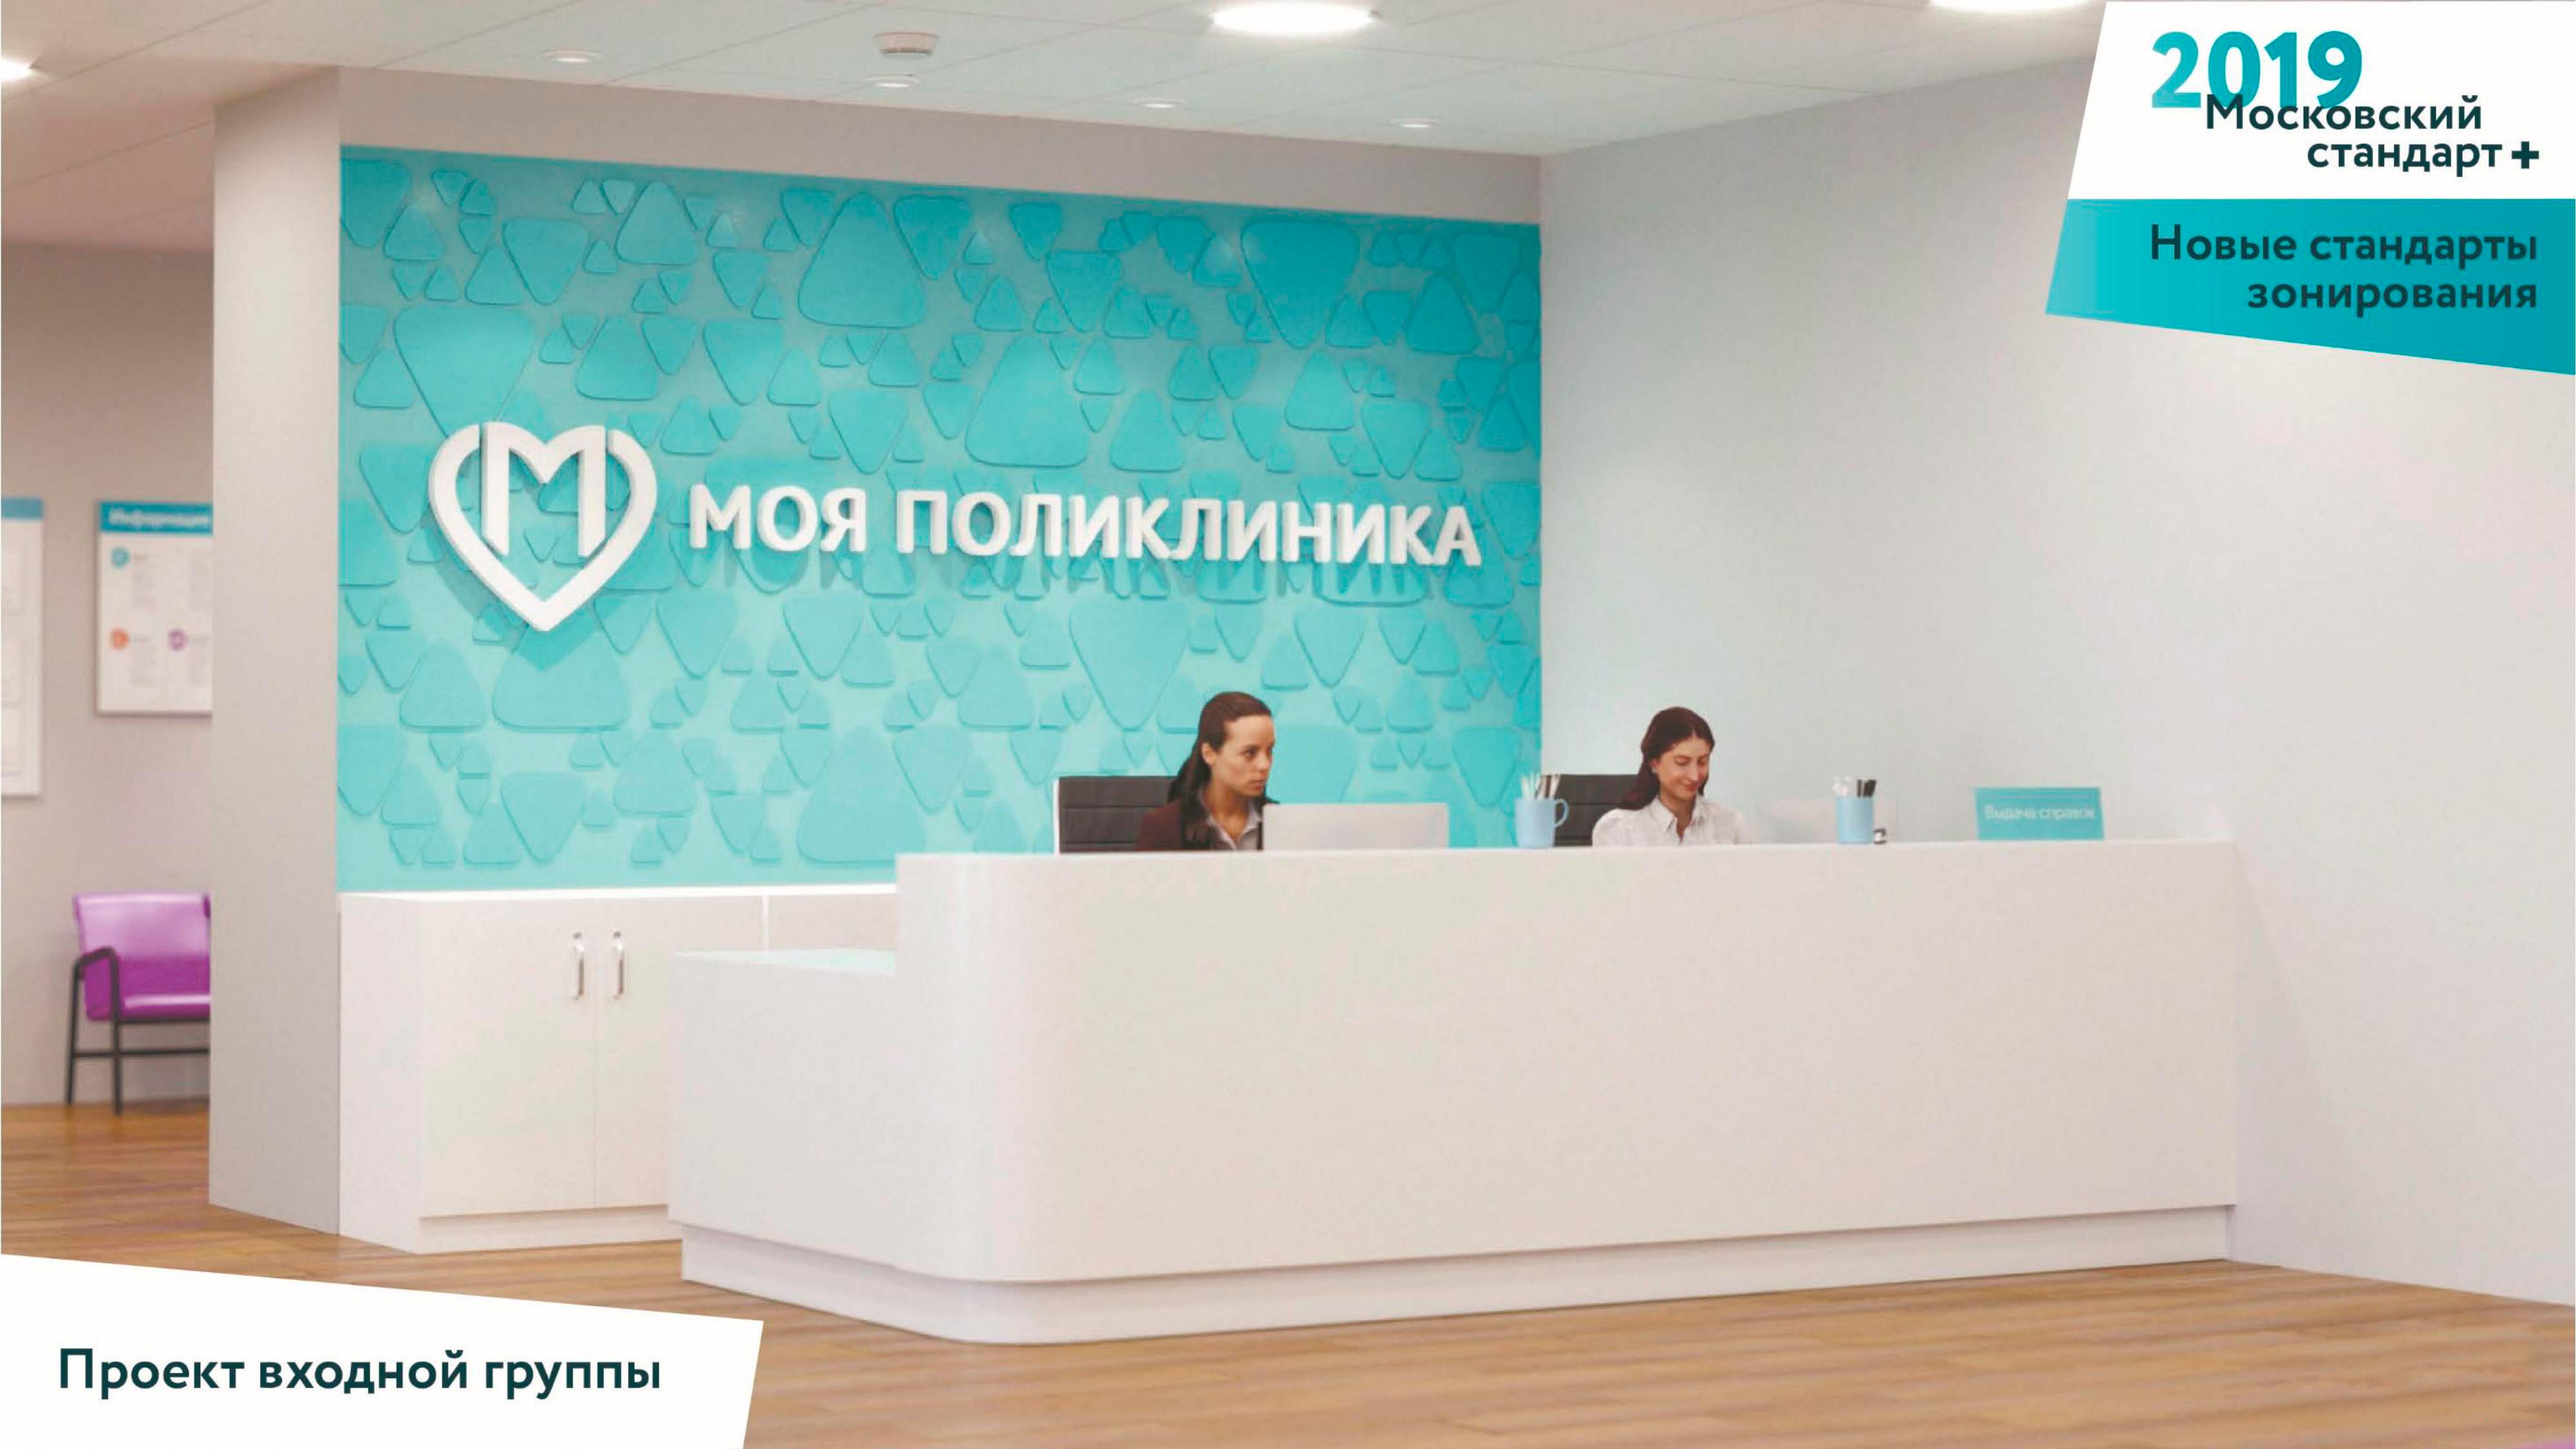 Блог Сергея Собянина. Поликлиники. «Московский стандарт+» - фото 5